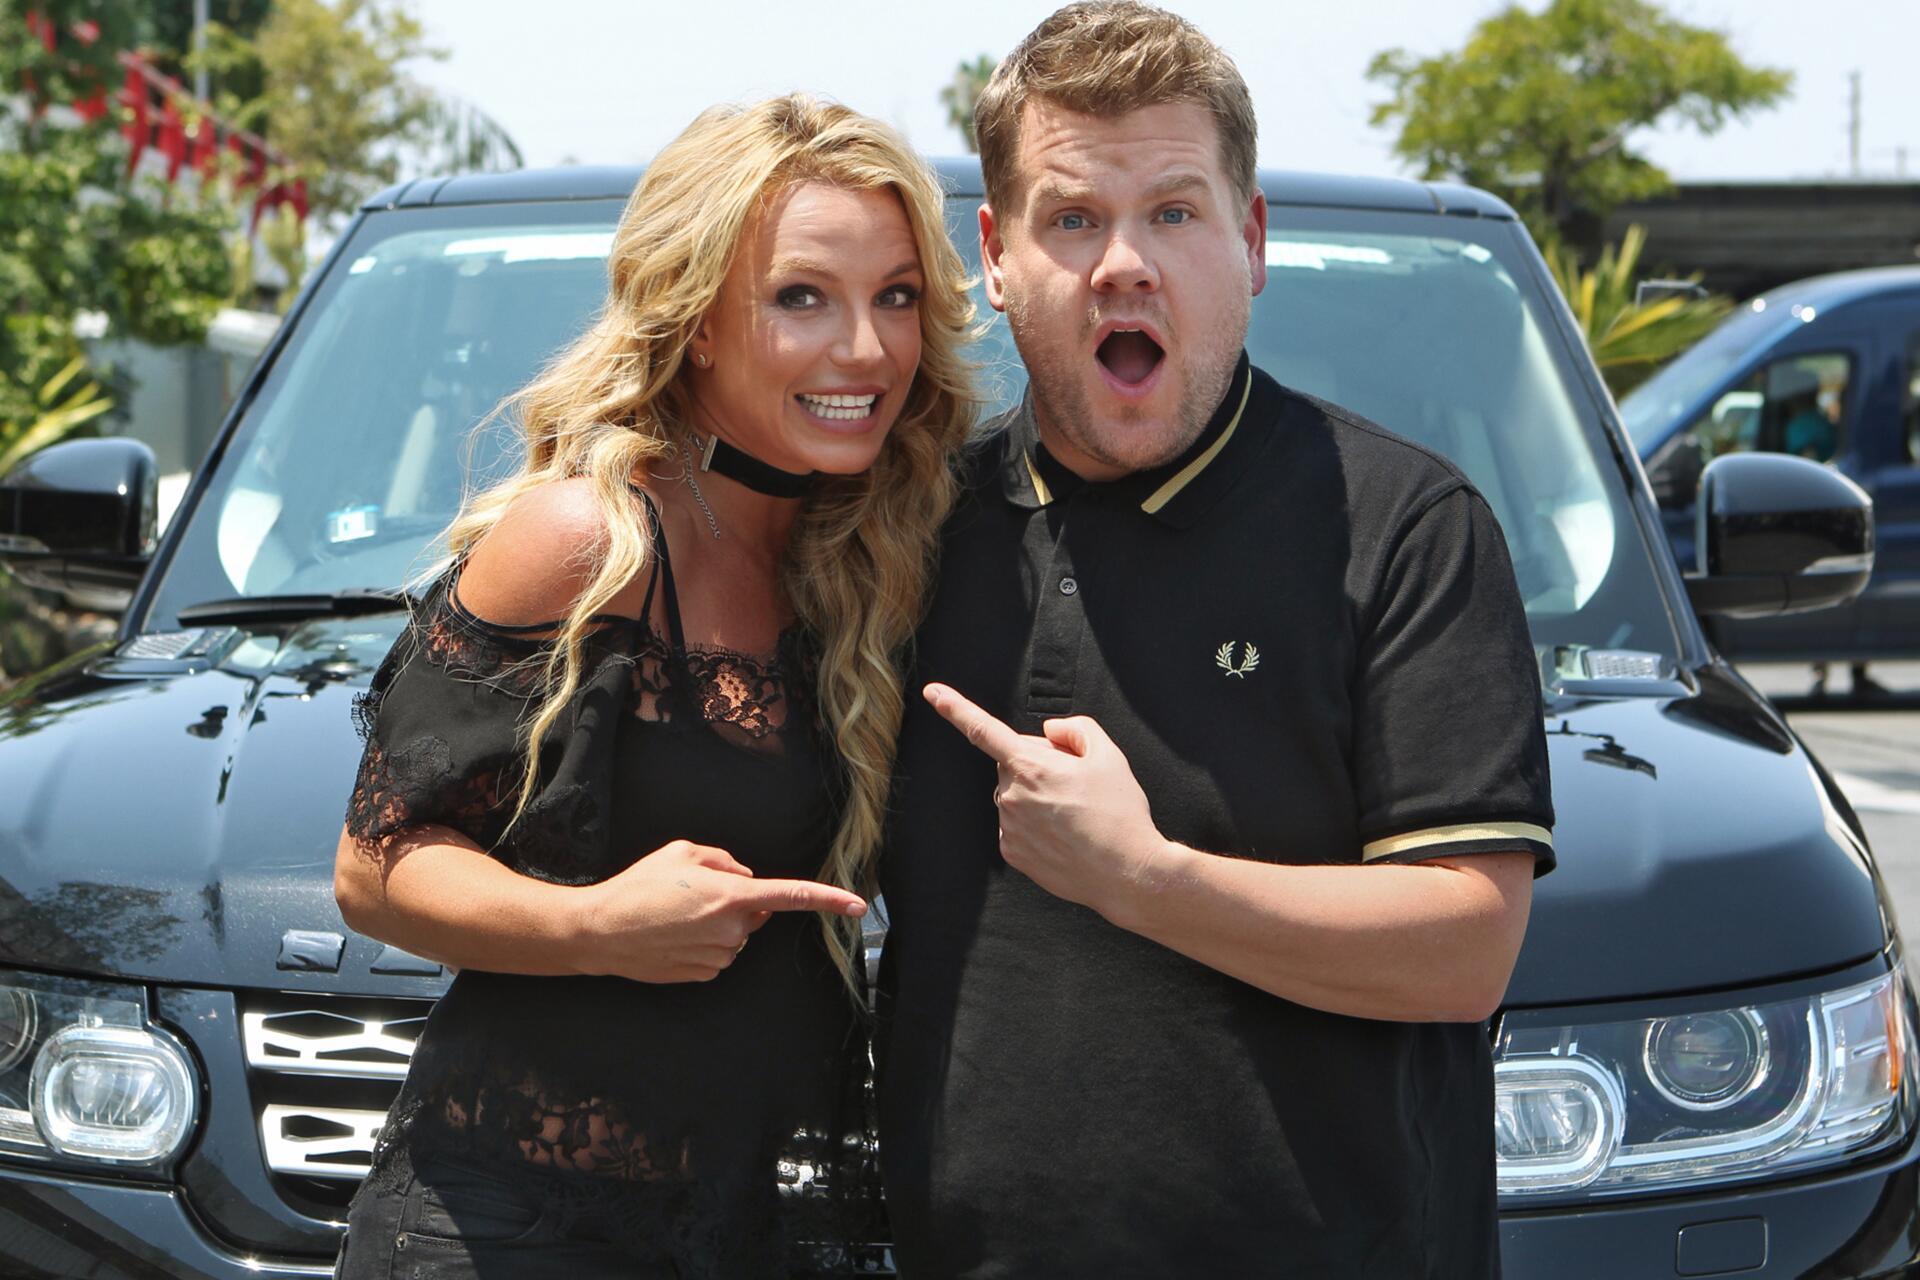 Bild zu Britney Spears, James Corden, Carpool Karaoke, Playback